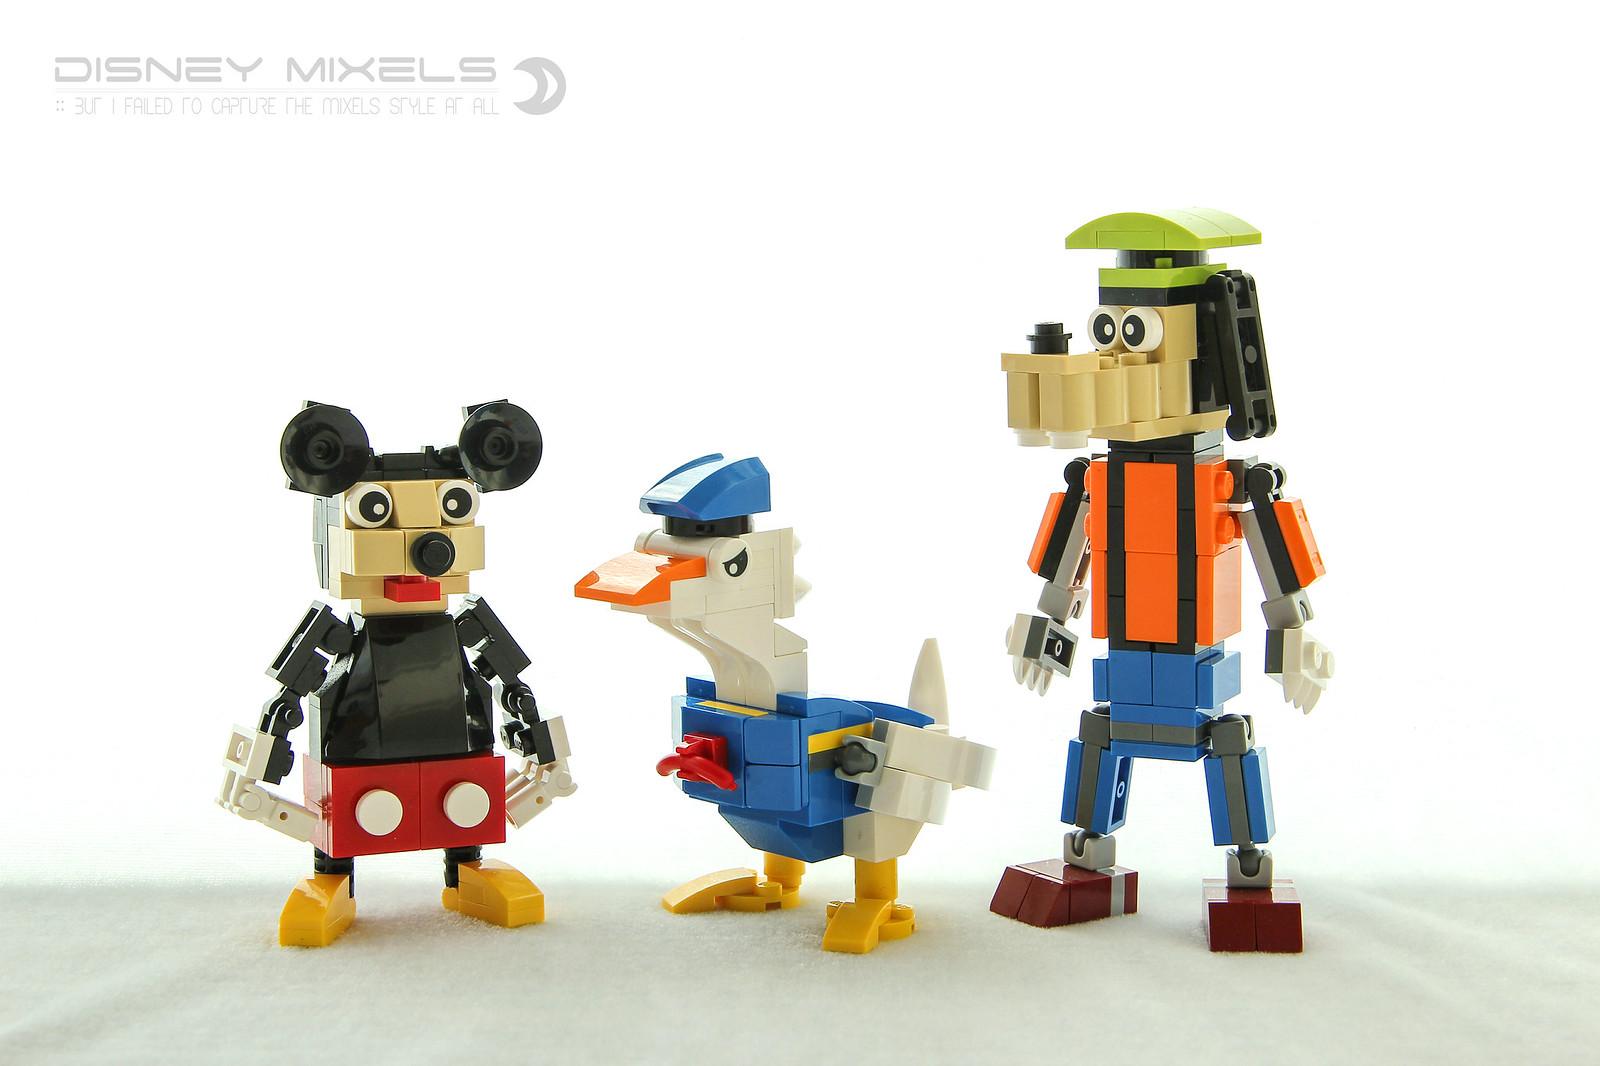 Disney Mixels